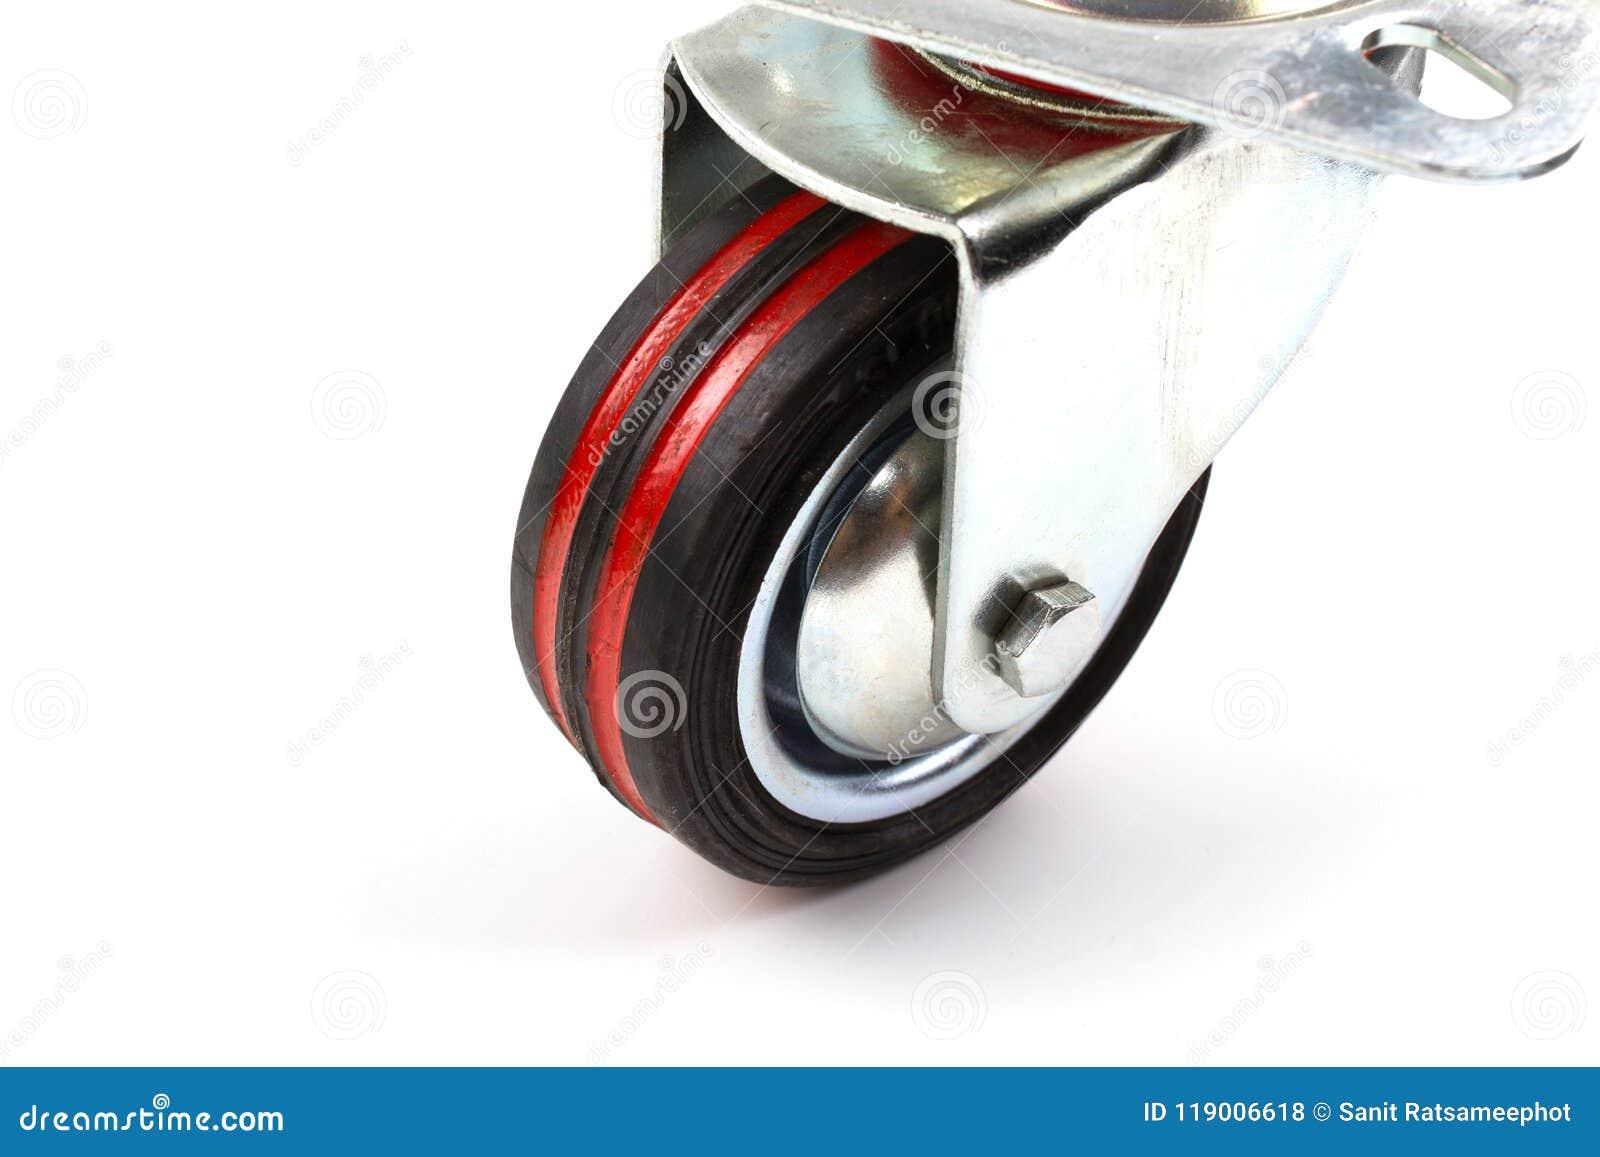 工业台车唯一转体橡胶铸工轮子